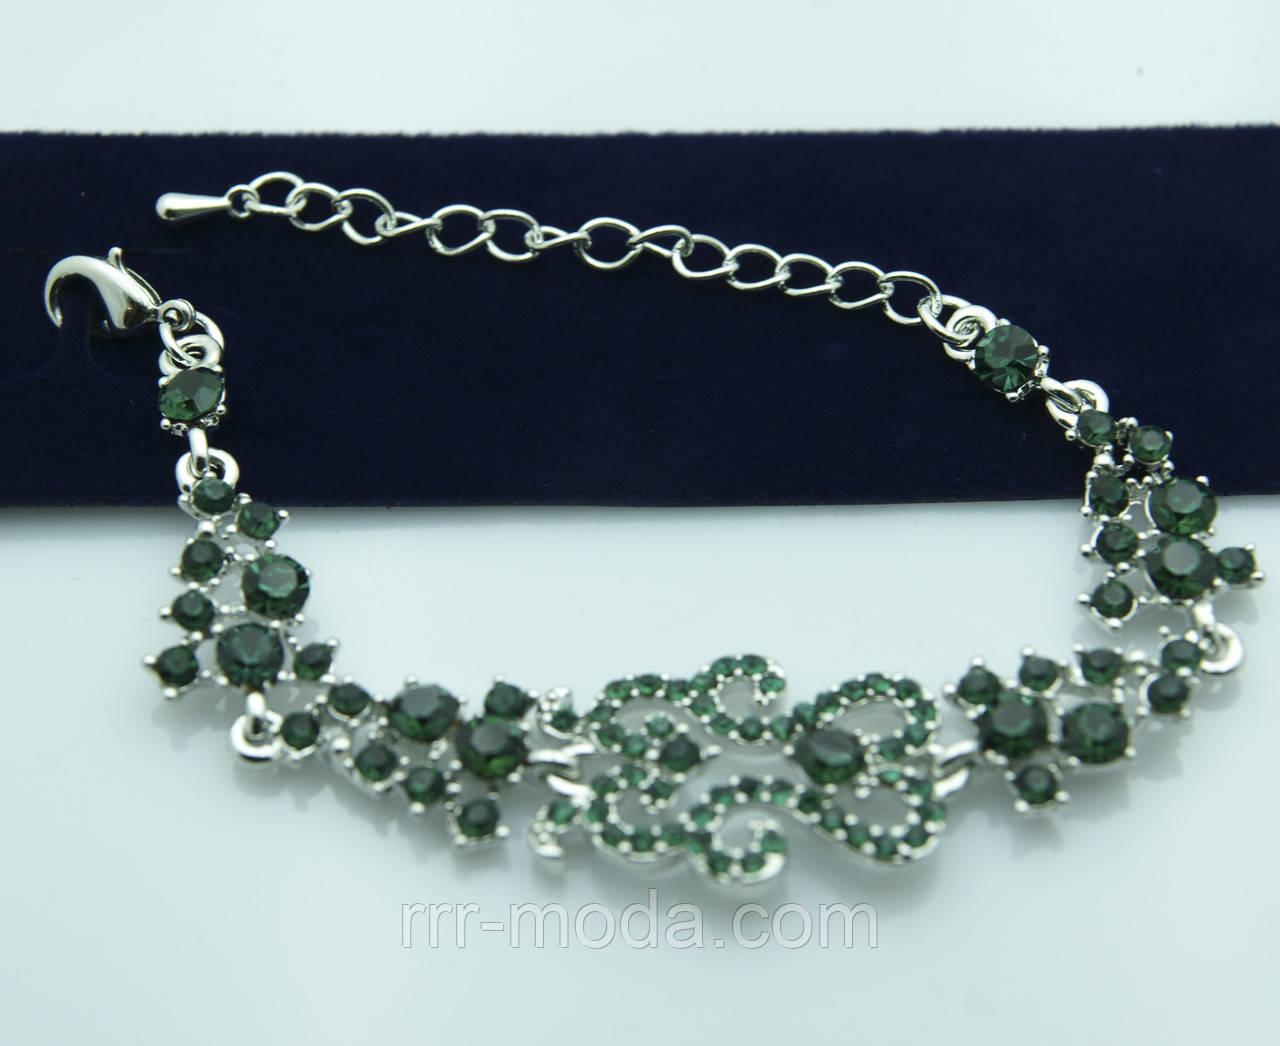 Эффектный браслет с зелёными кристаллами. Дизайнерские аксессуары на руку оптом. 1005